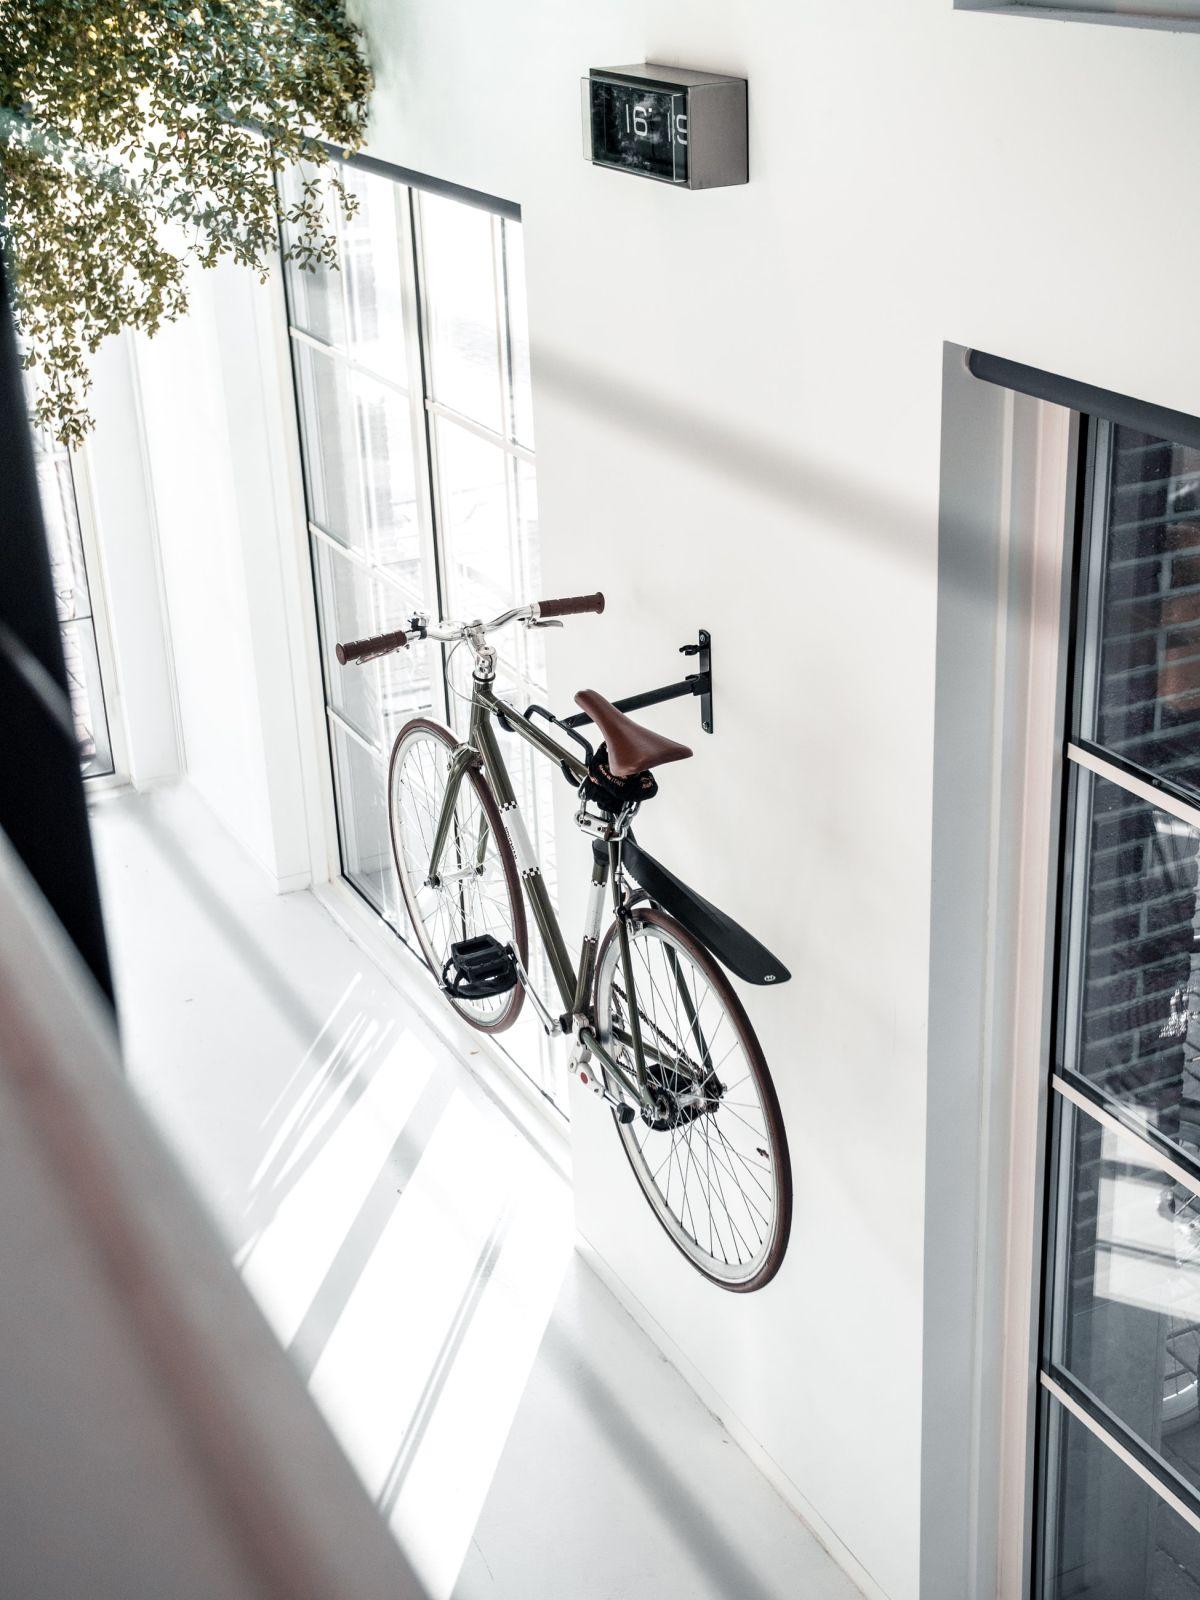 minimalist photography cycle by bruno van der kraan